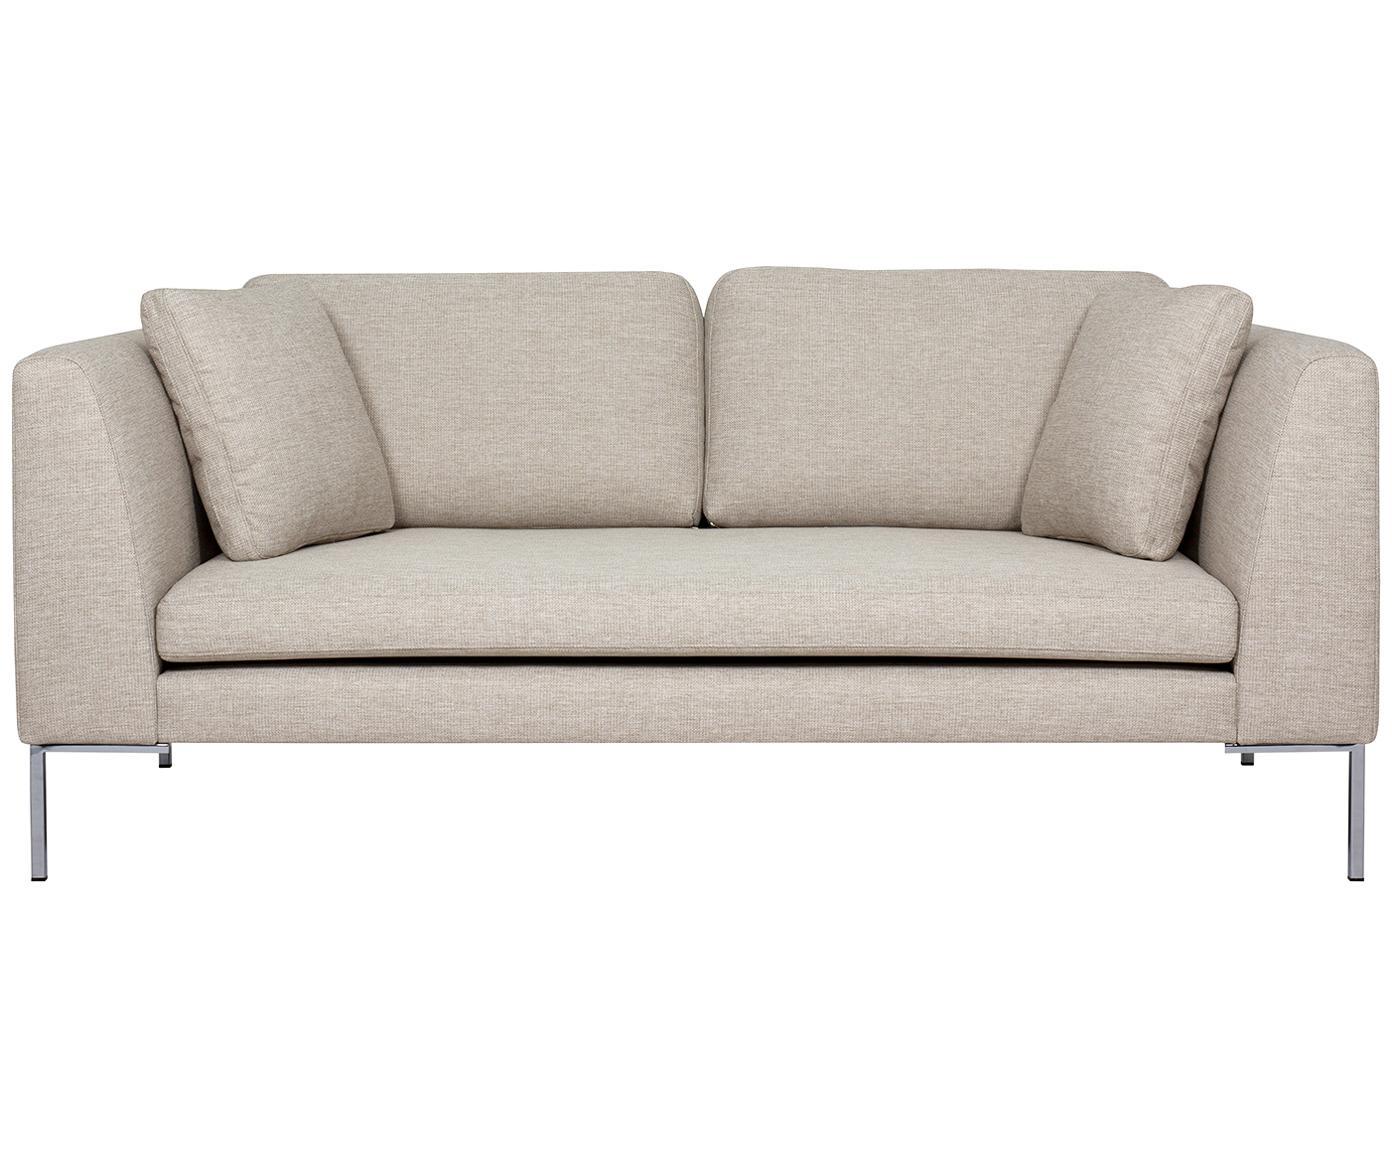 Sofa Emma (2-Sitzer), Bezug: Polyester 100.000 Scheuer, Gestell: Massives Kiefernholz, Füße: Metall, galvanisiert, Webstoff Beige, Füße Silber, B 194 x T 100 cm